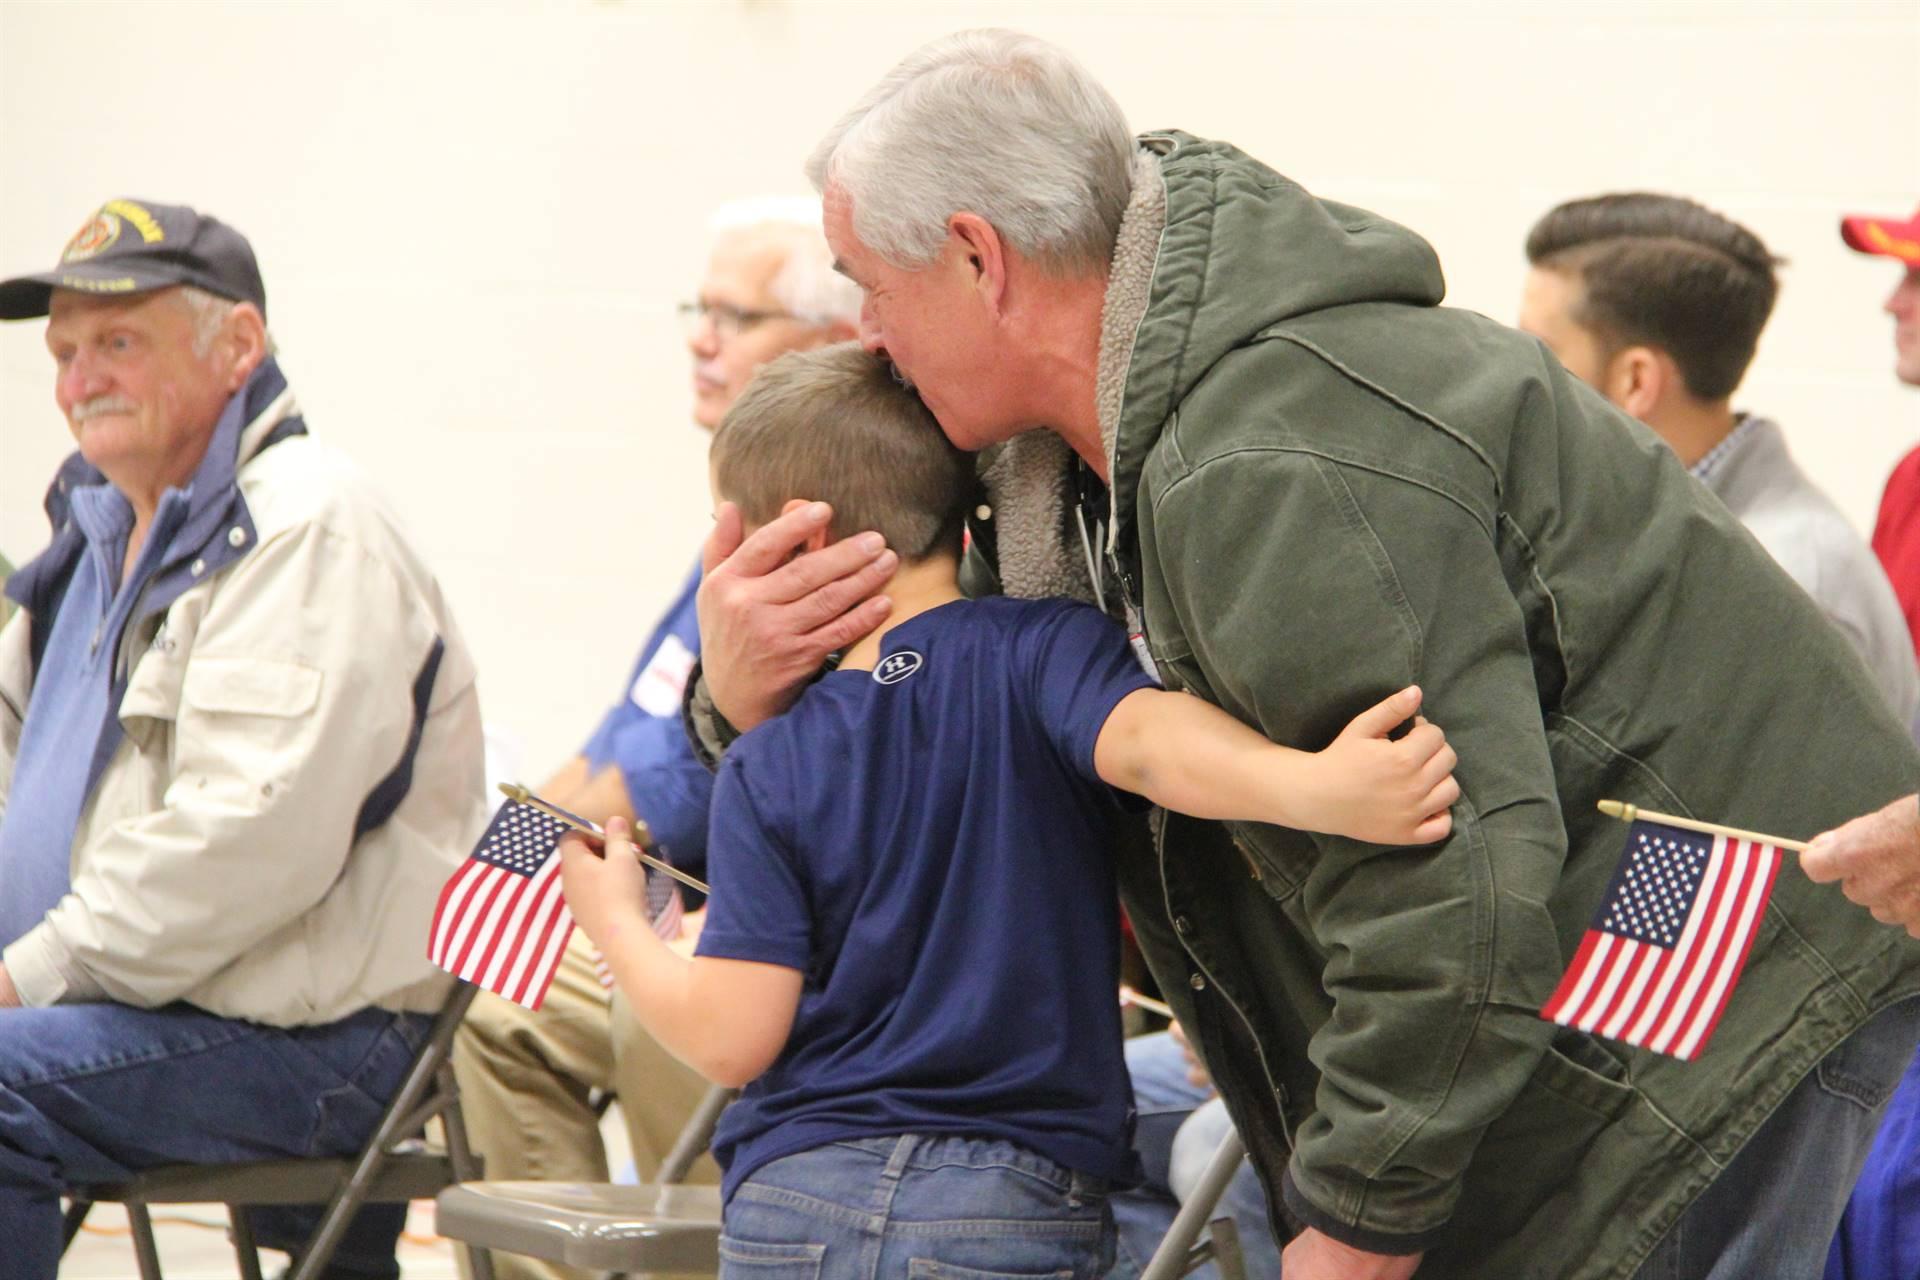 boy giving veteran a hug